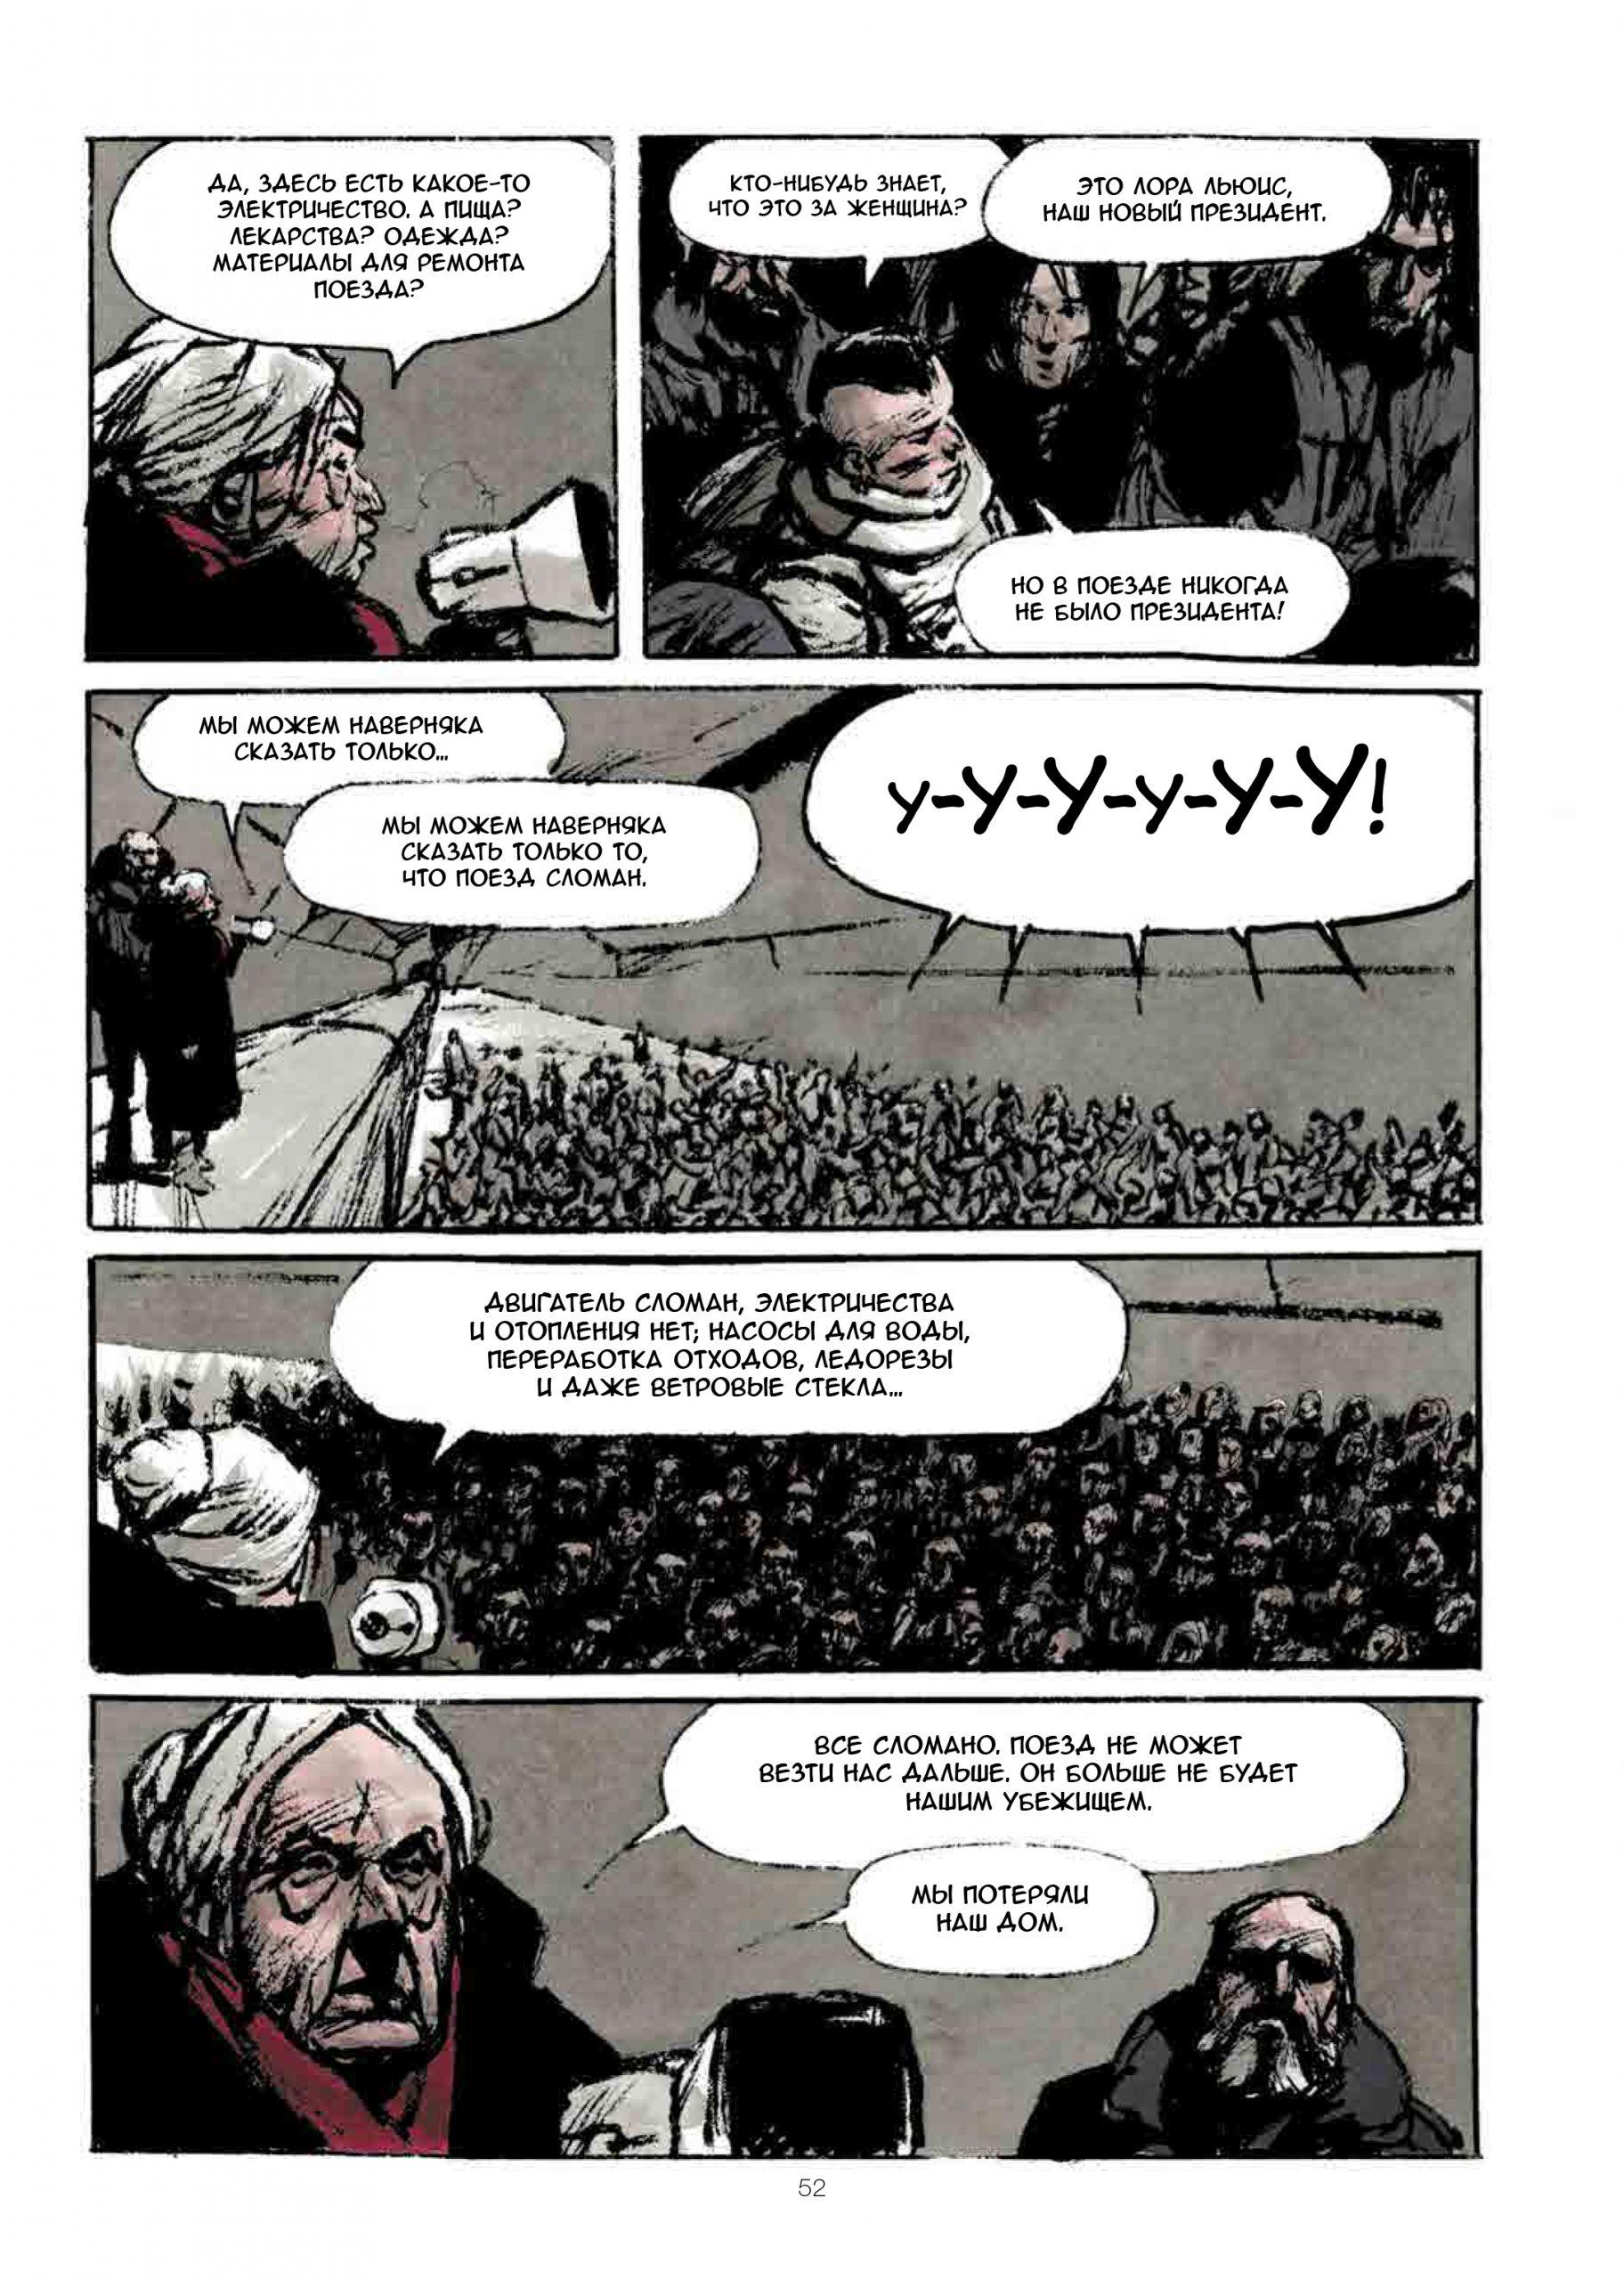 Читаем комикс «Сквозь снег: Конечная станция» 9